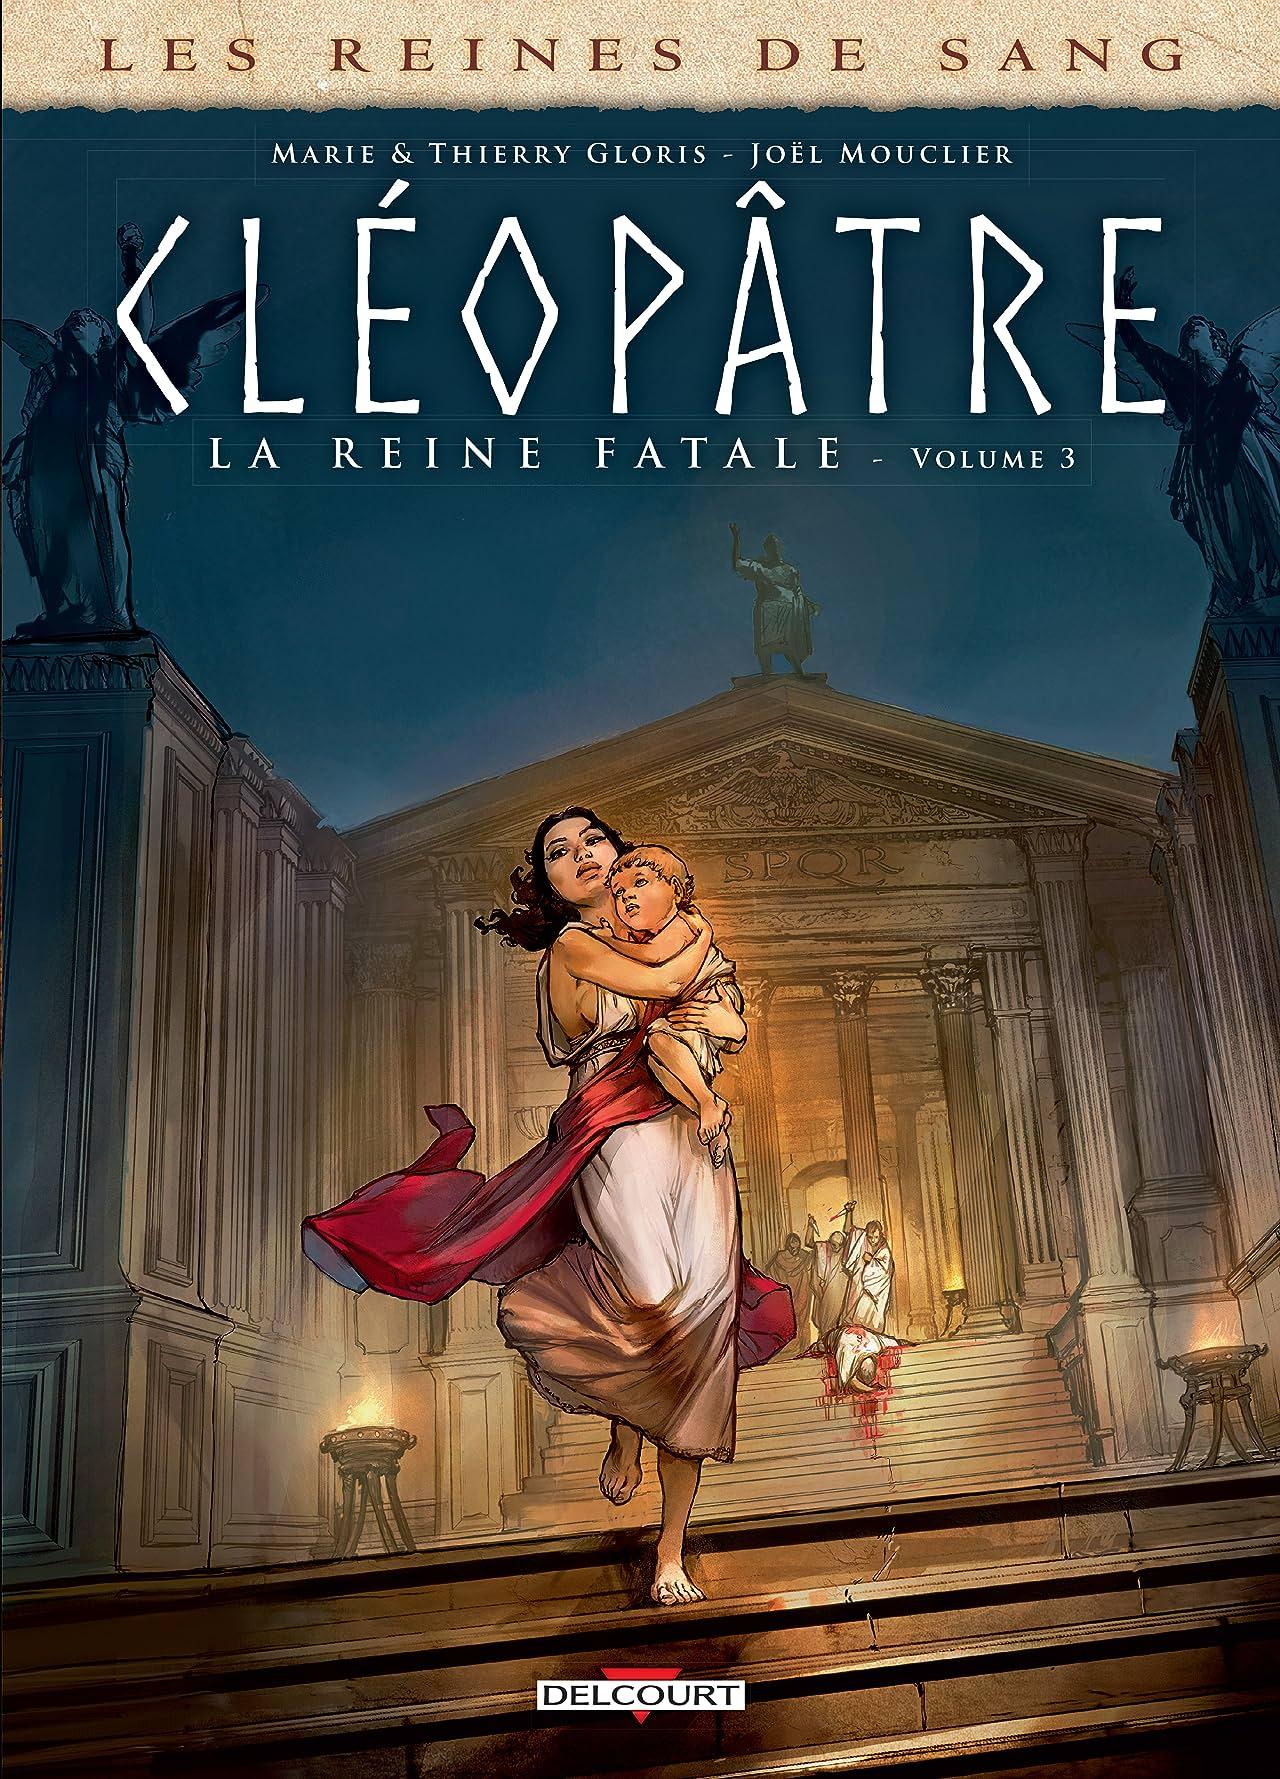 Les Reines de sang - Cléopâtre, la Reine fatale Vol. 3